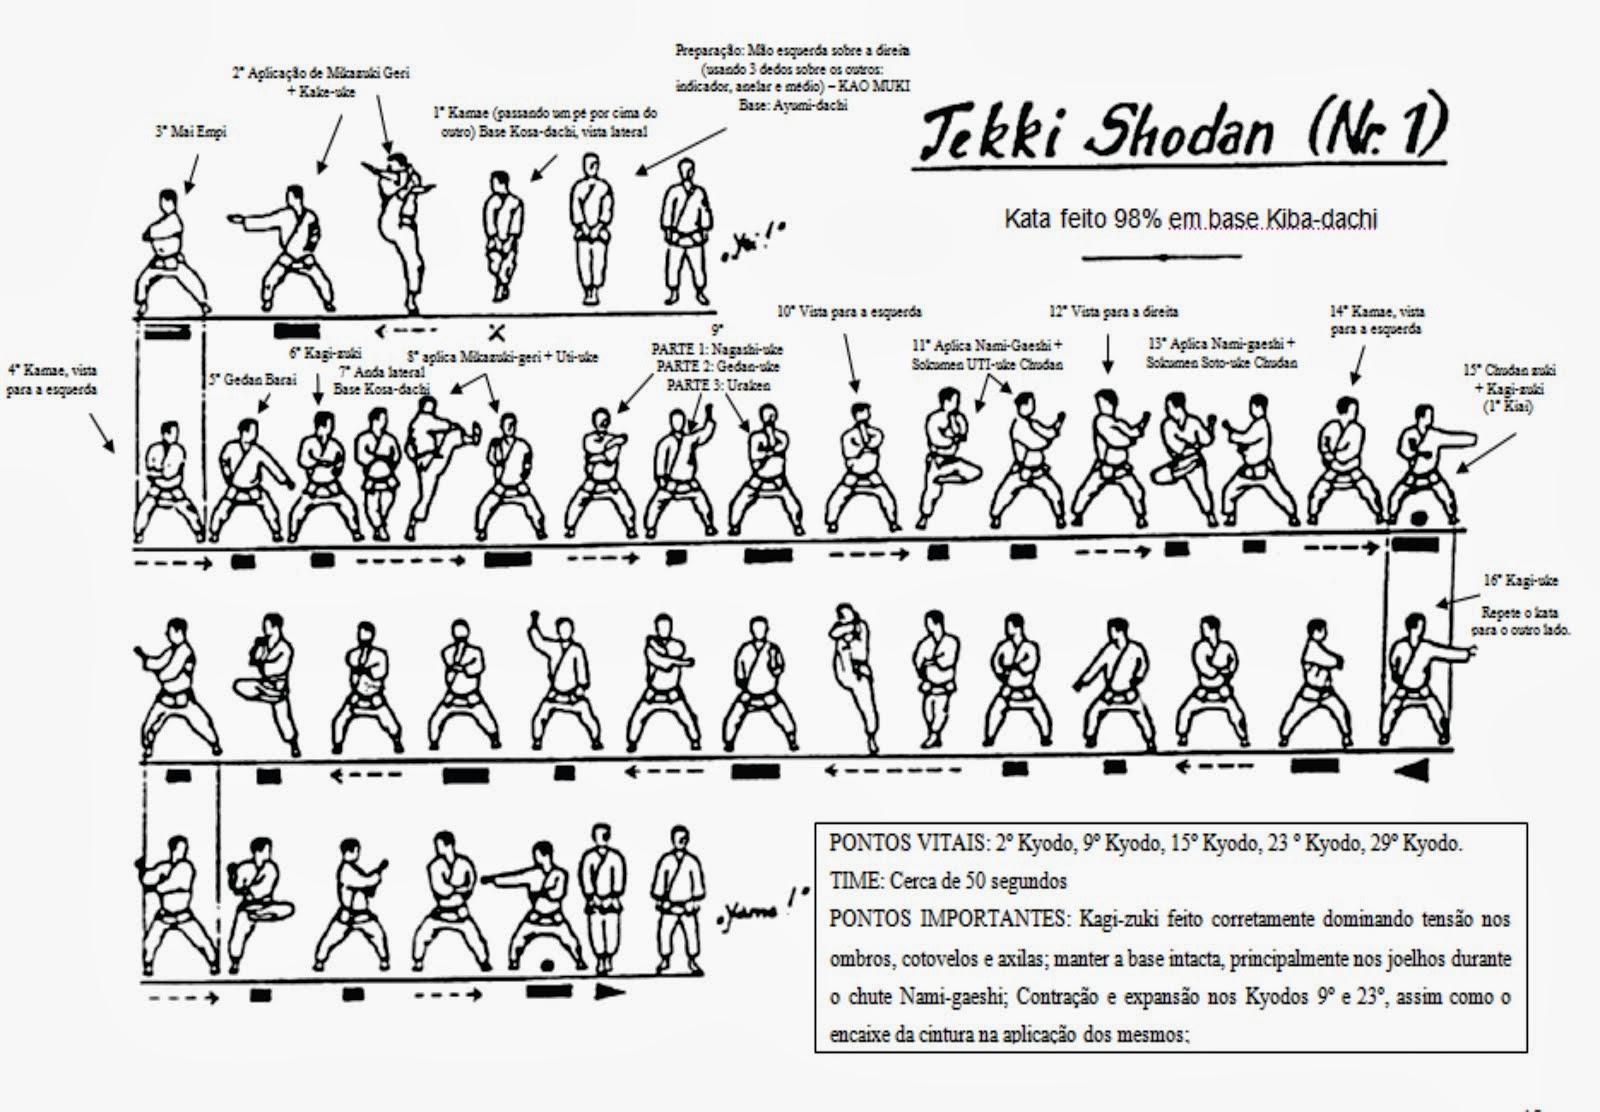 TEKKI SHODAN